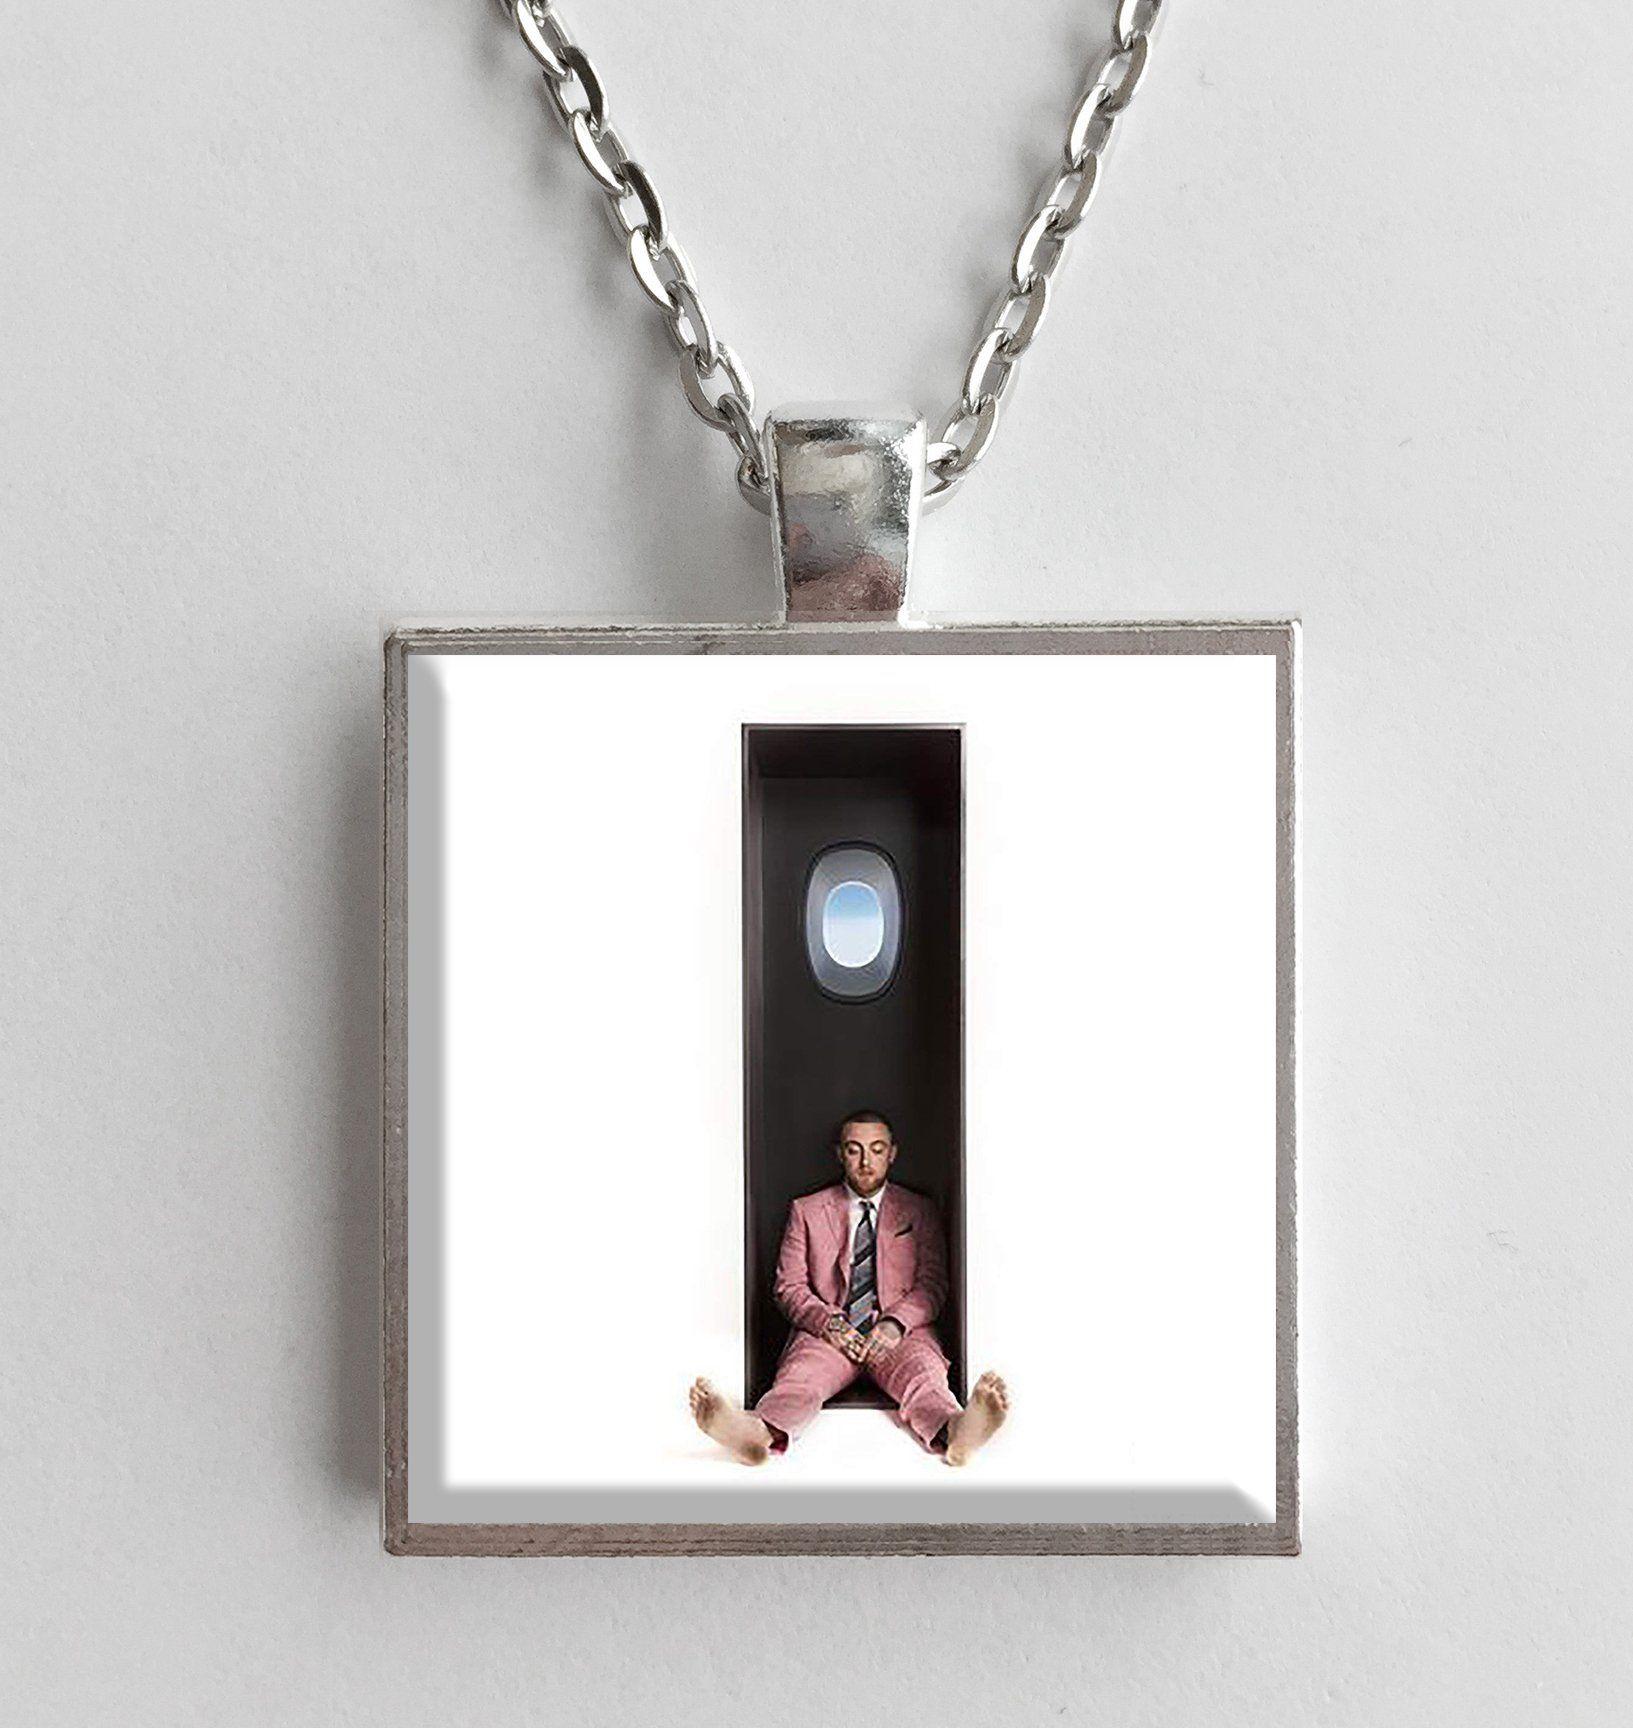 Mac miller swimming album cover art pendant necklace